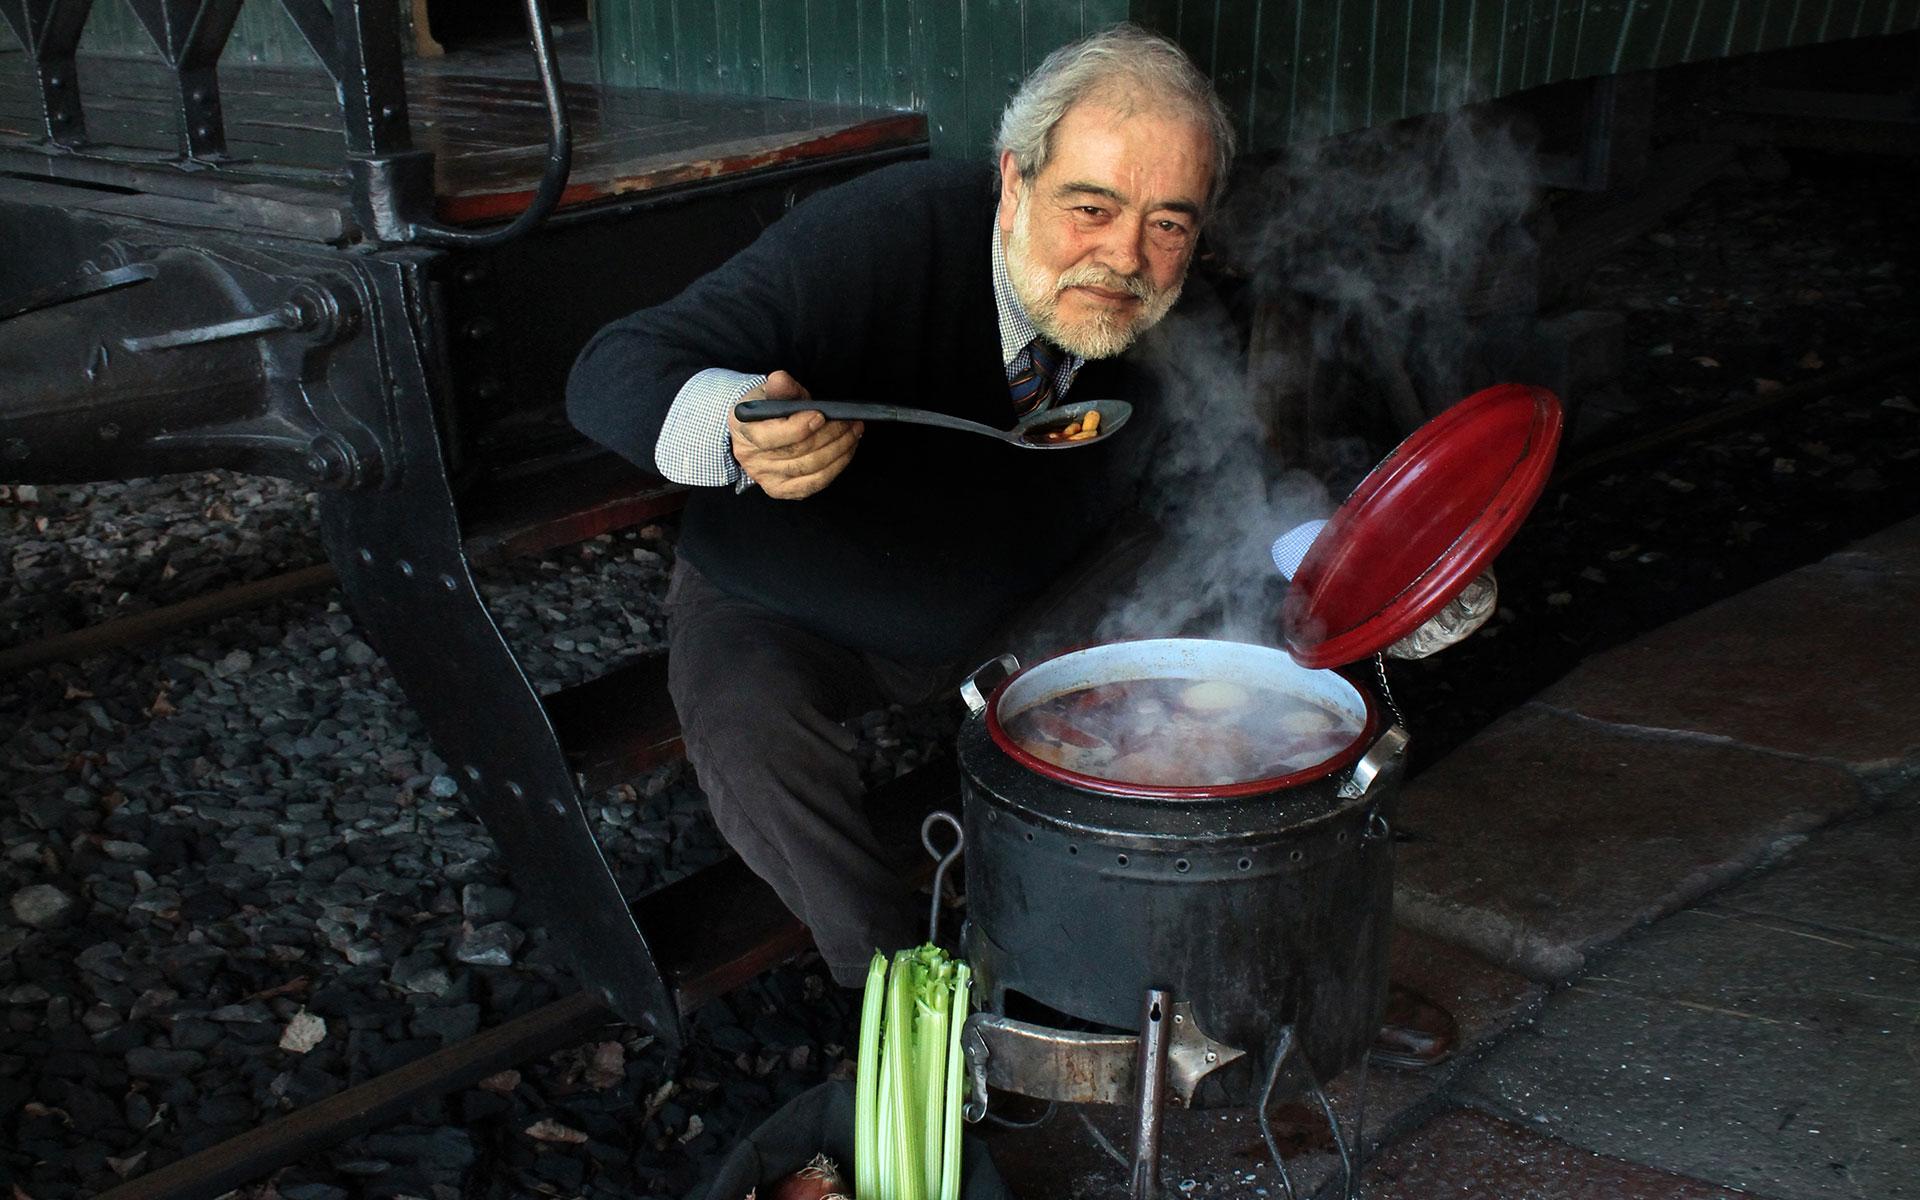 A-poder-cocinar-con-una-abuela